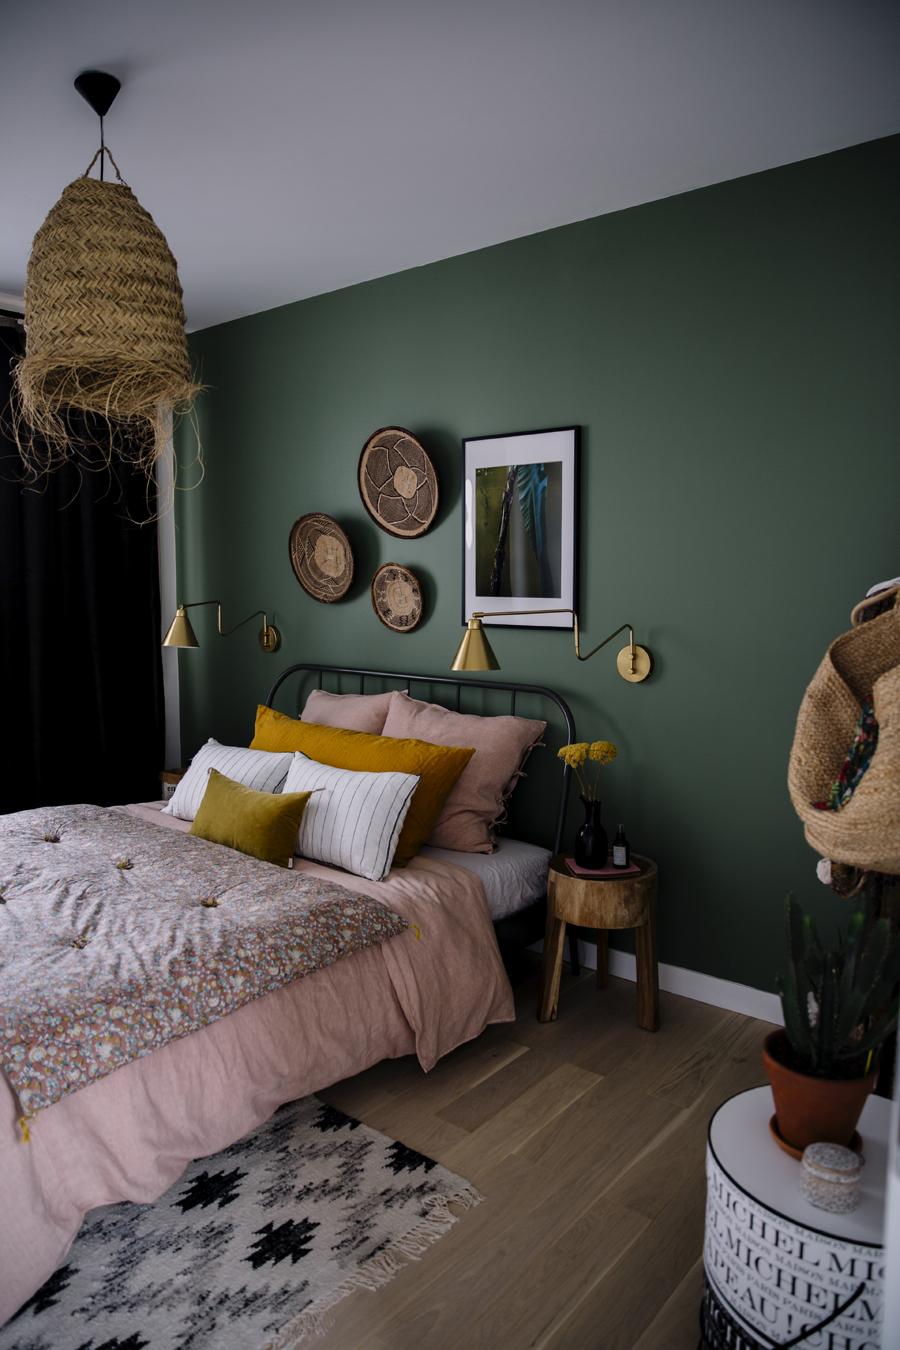 Faire Une Belle Chambre la décoration de notre chambre - les demoizelles